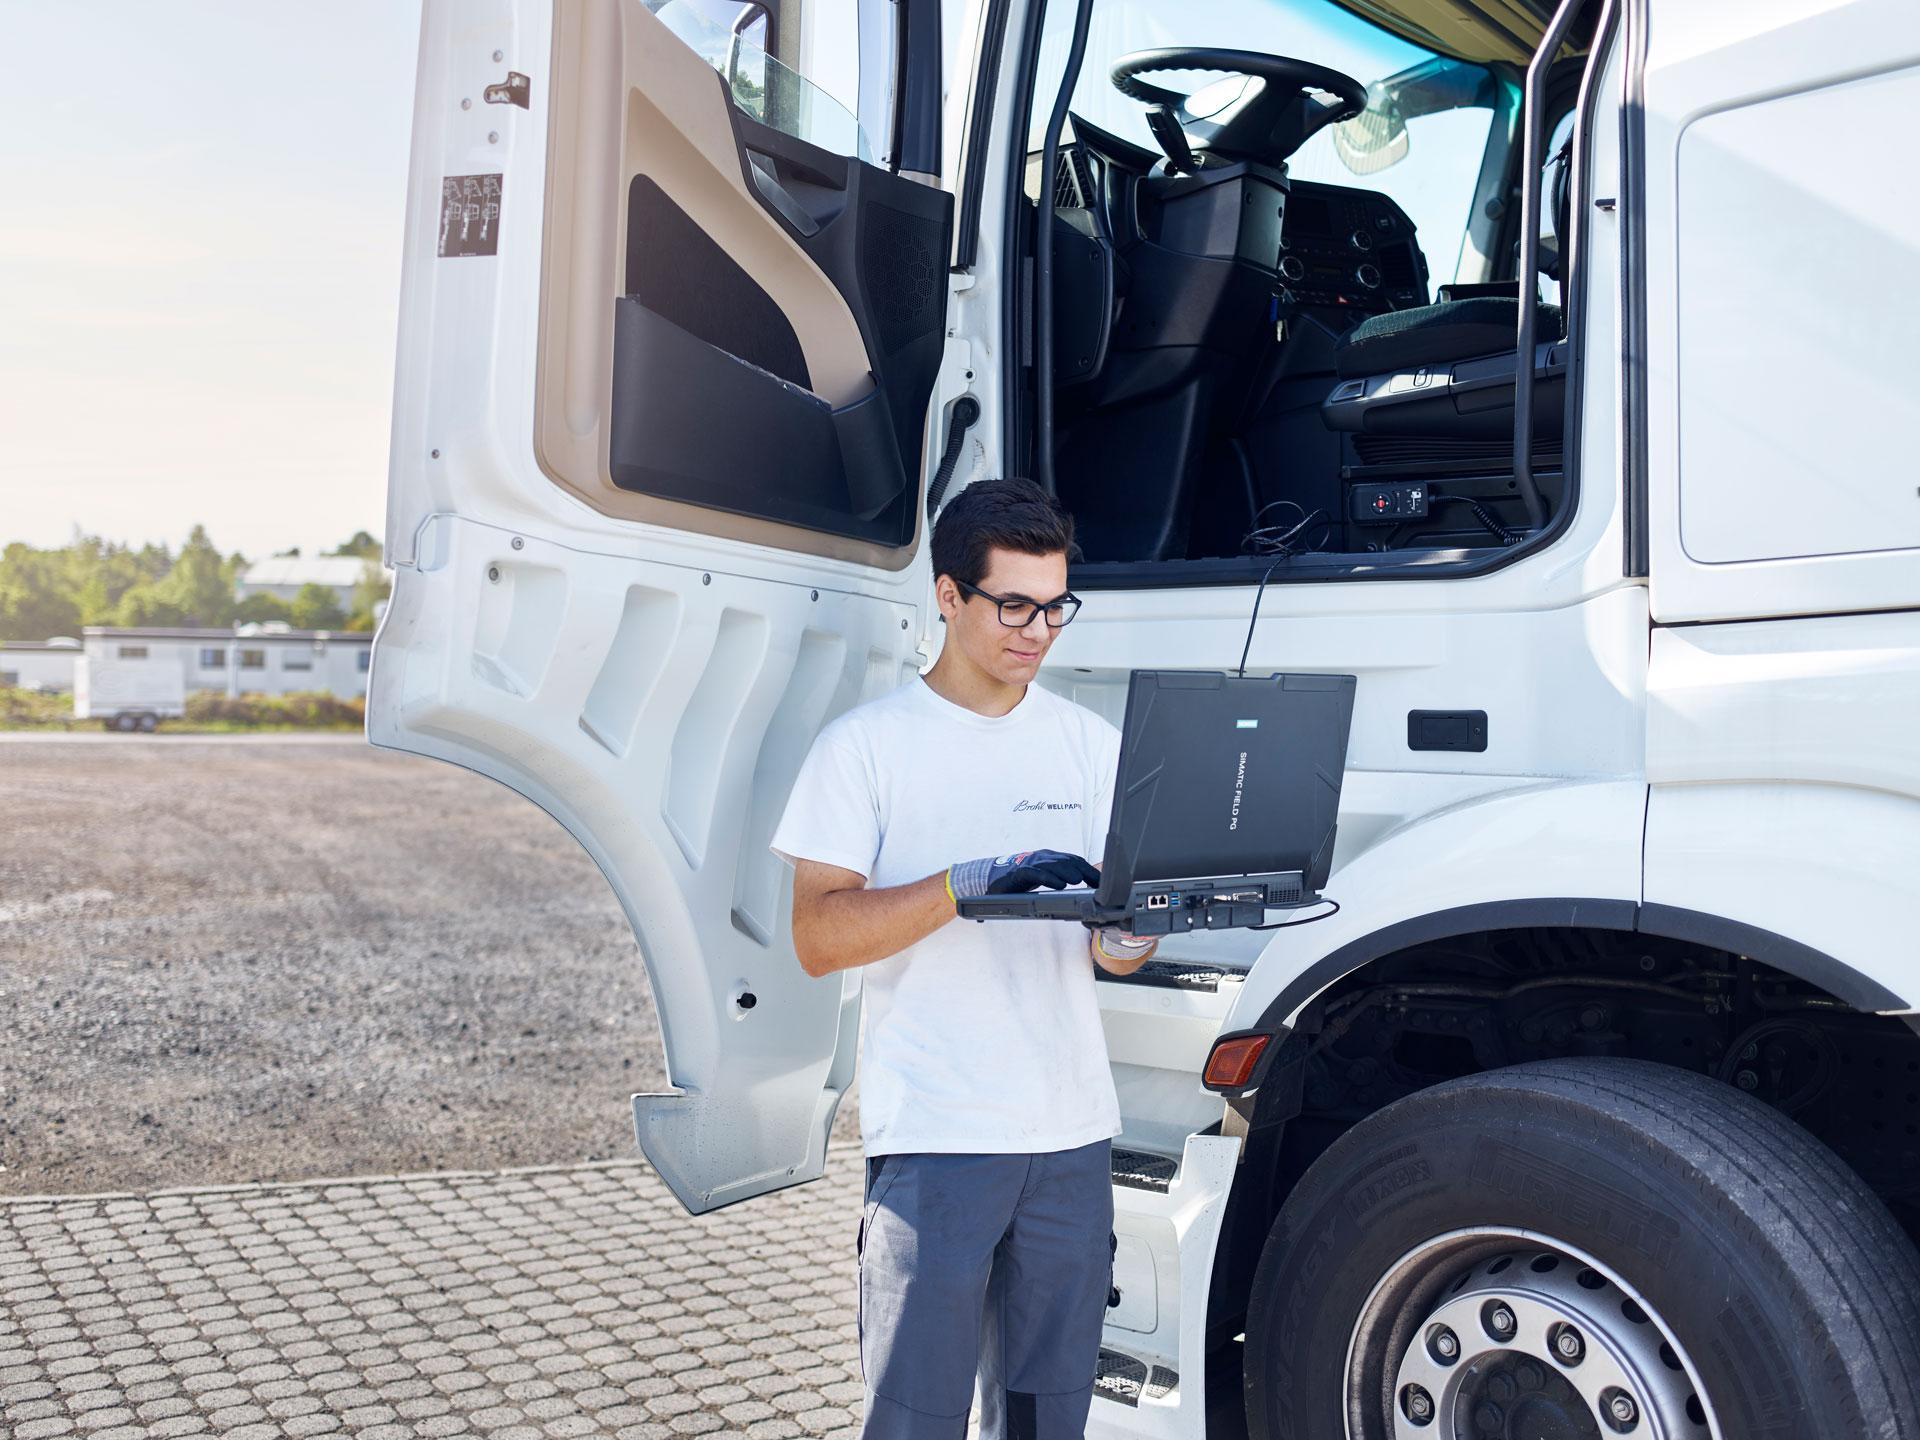 Azubi im Bereich KFZ-Mechatroniker steht in der geöffneten LKW Tür mit einem Laptop in der Hand